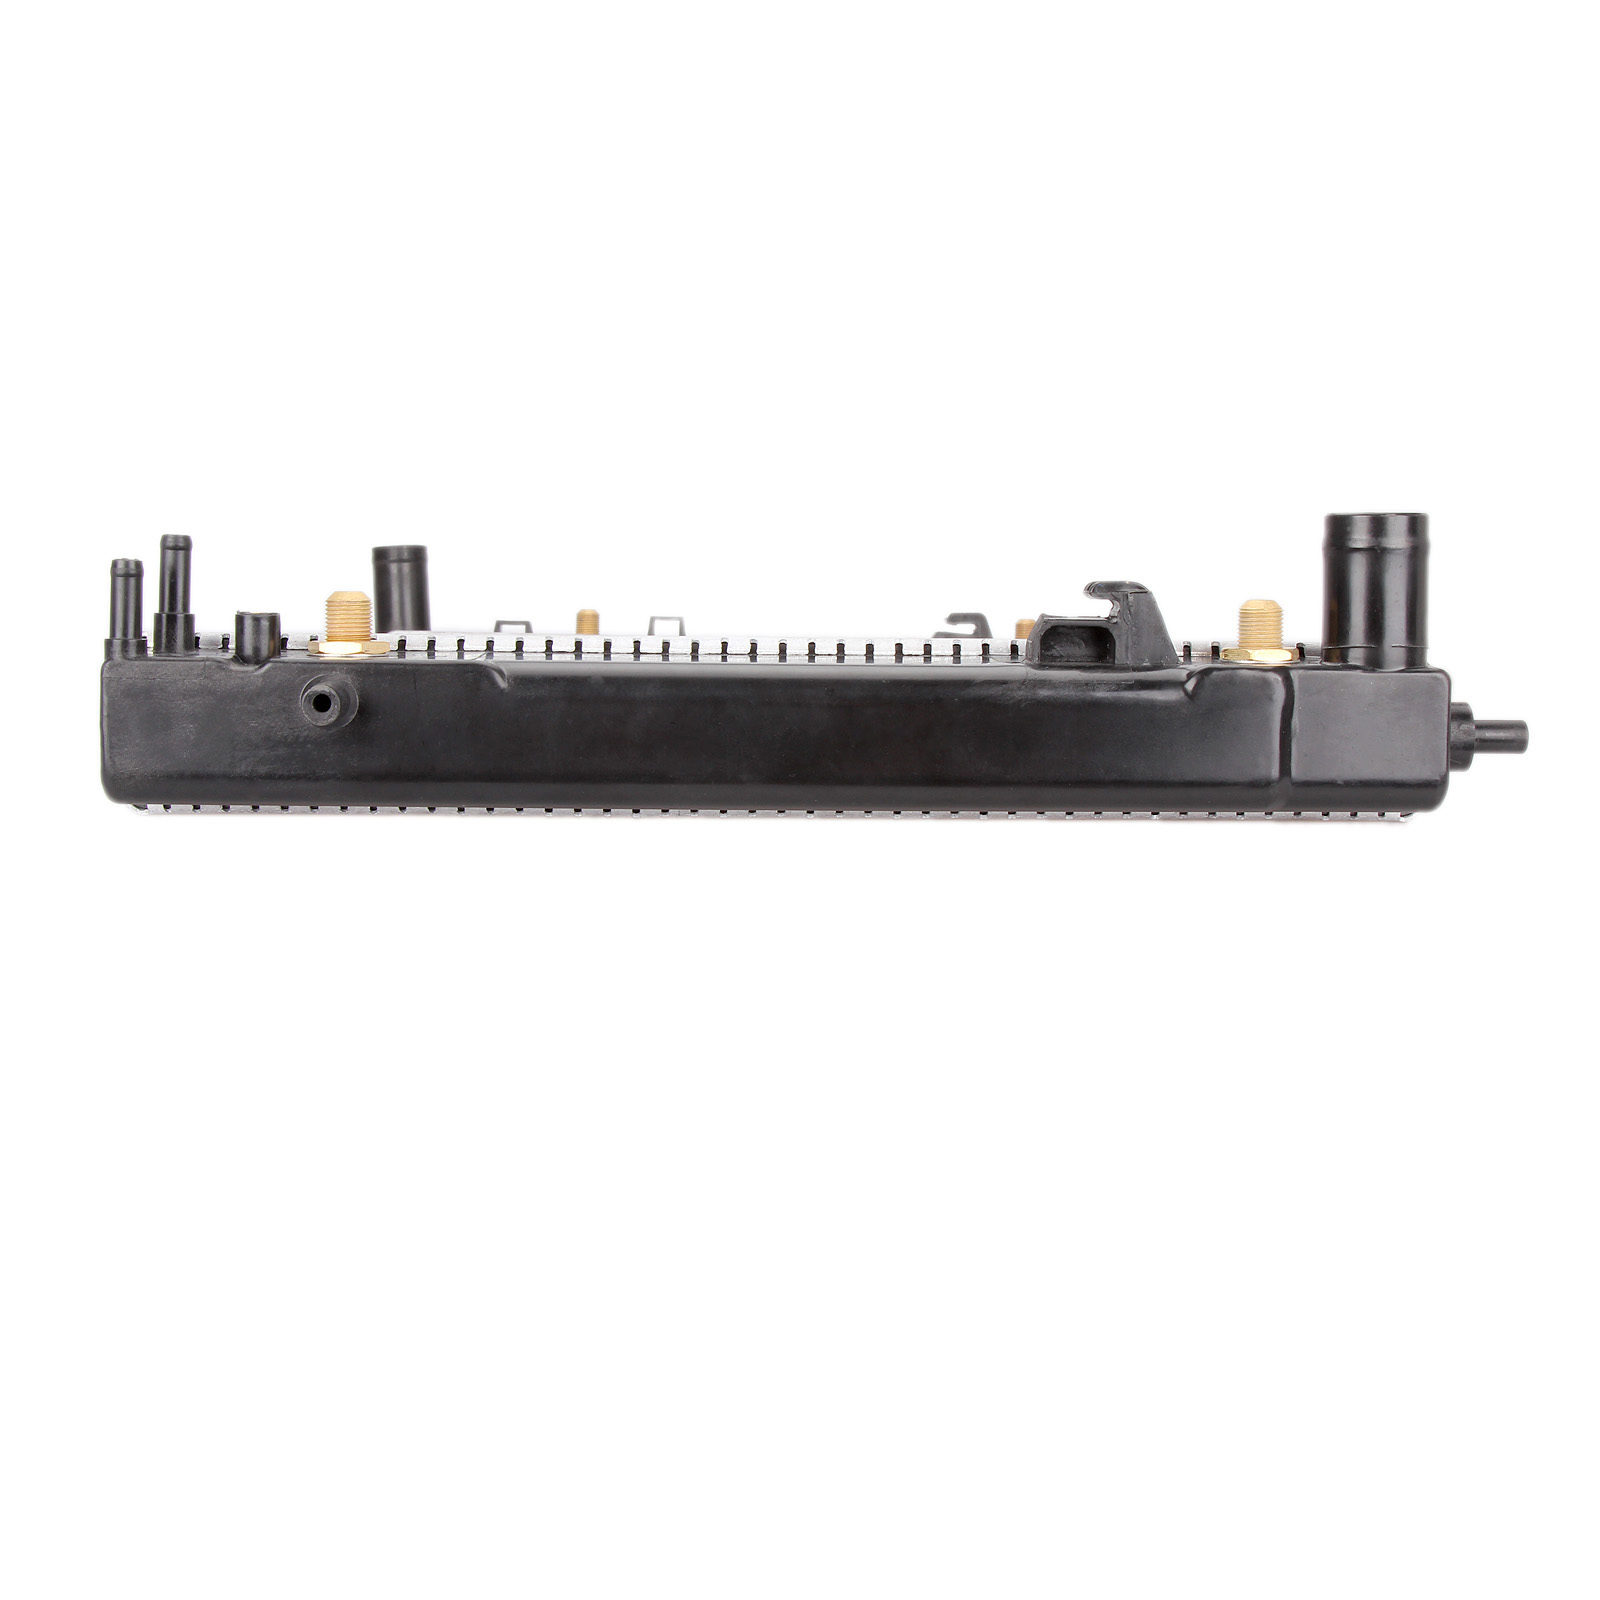 Dromedary-High Quality New 2688 Full Aluminum Radiator For Lexus Rx 330 33-202-v6-2